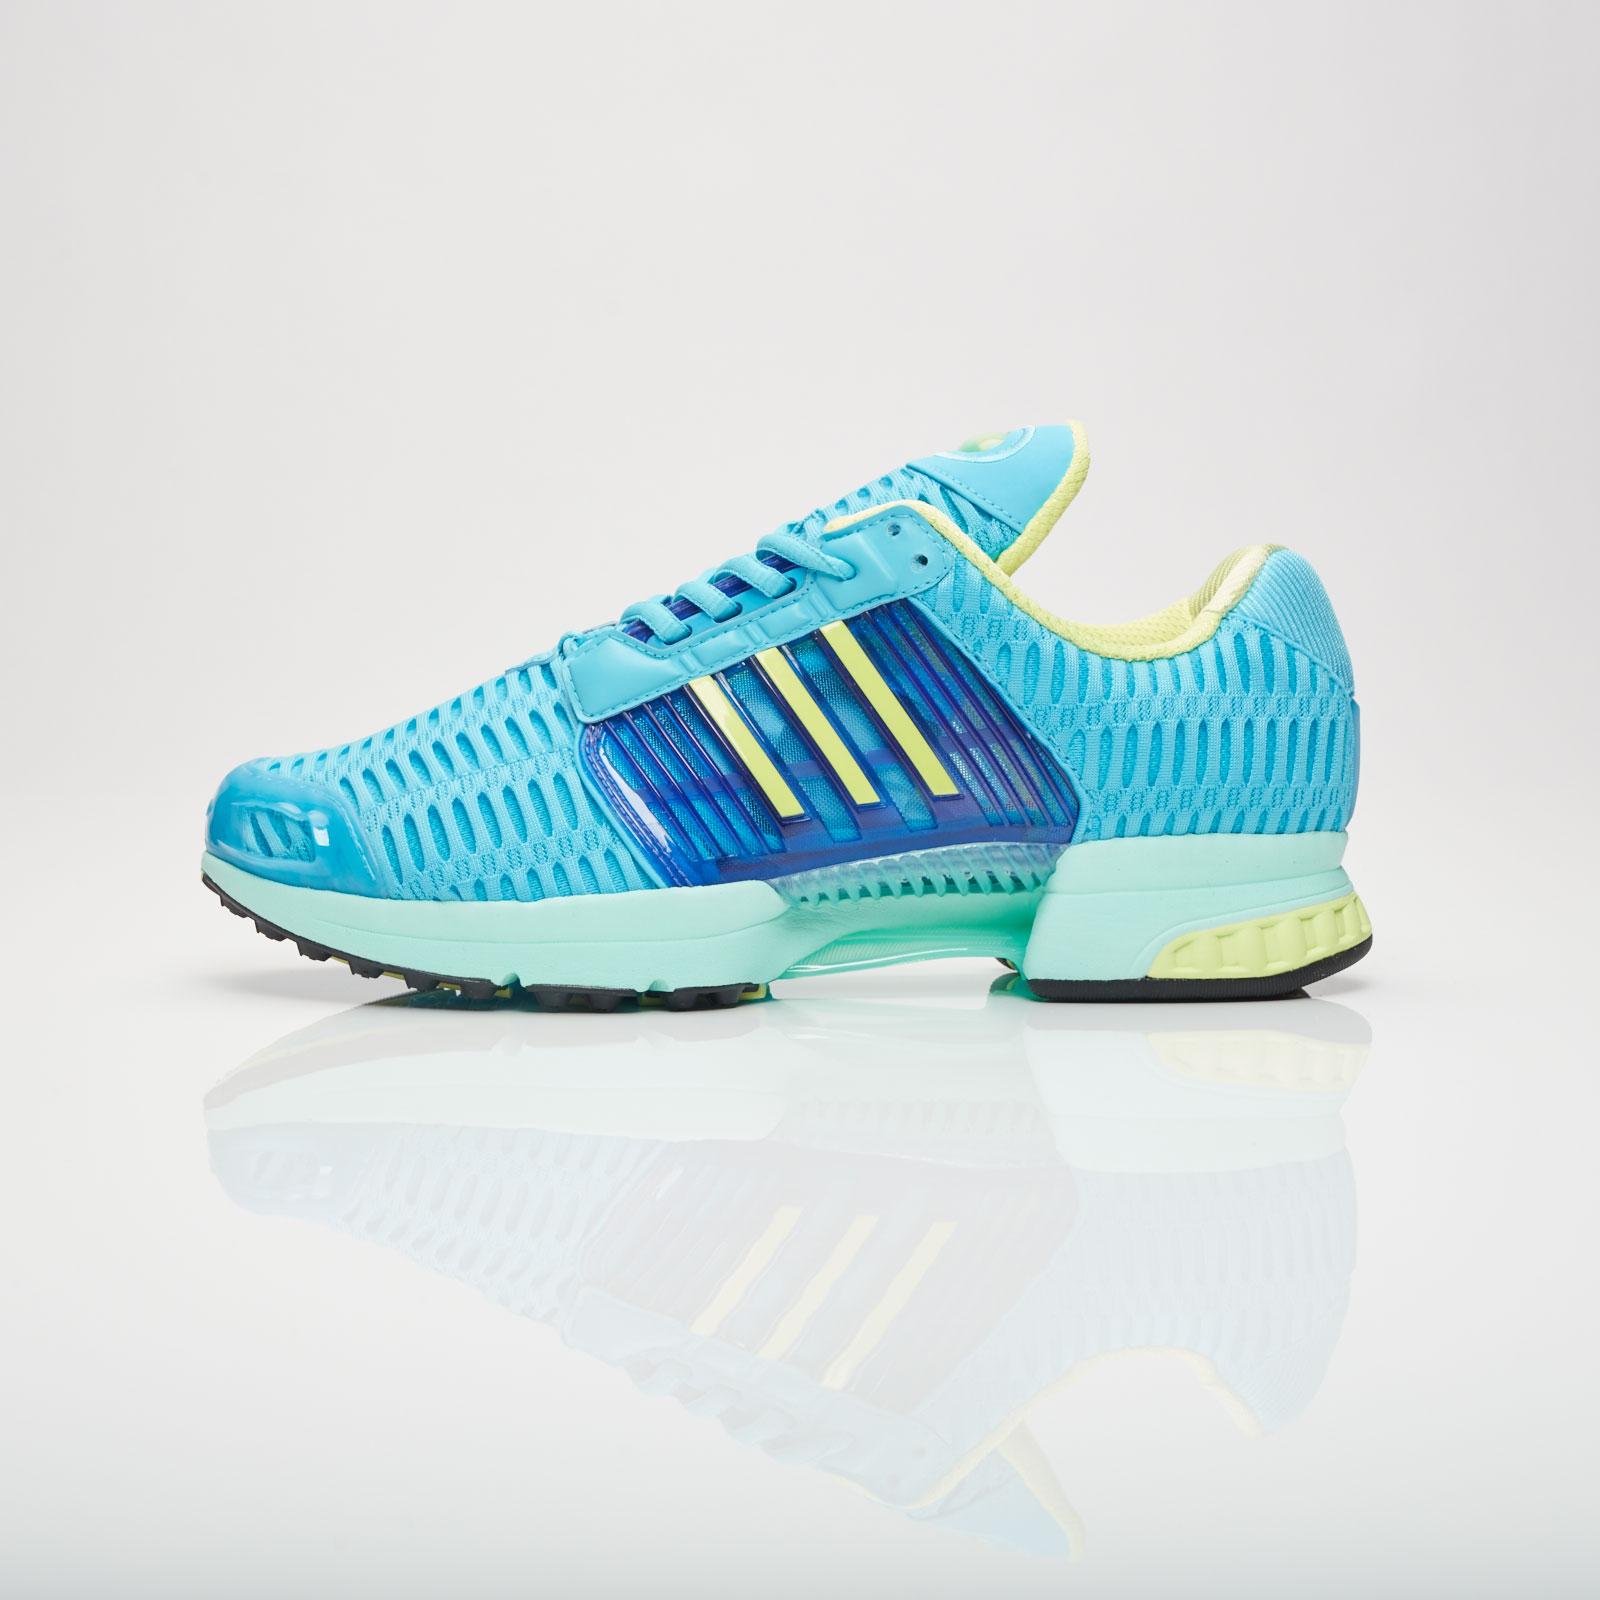 quality design 0a7f2 c7ee4 adidas Originals Climacool 1 adidas Originals Climacool 1 ...